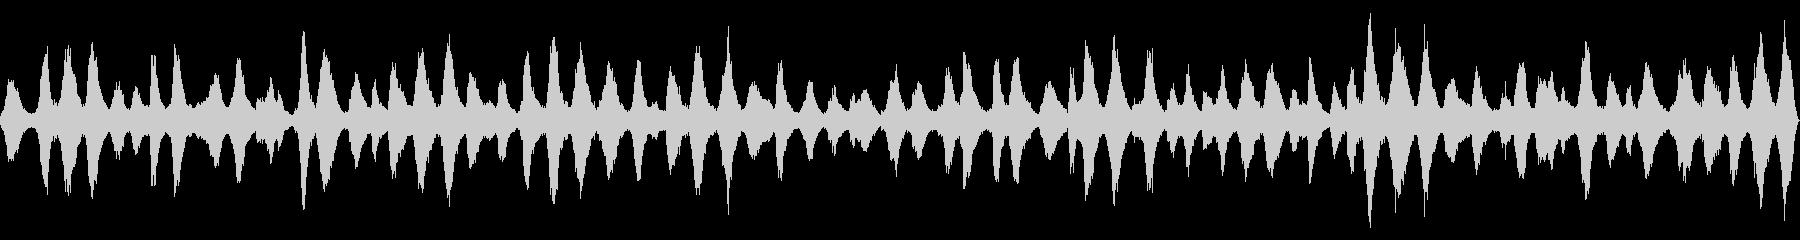 海辺近くの洞穴から録音した波音【秋、昼】の未再生の波形